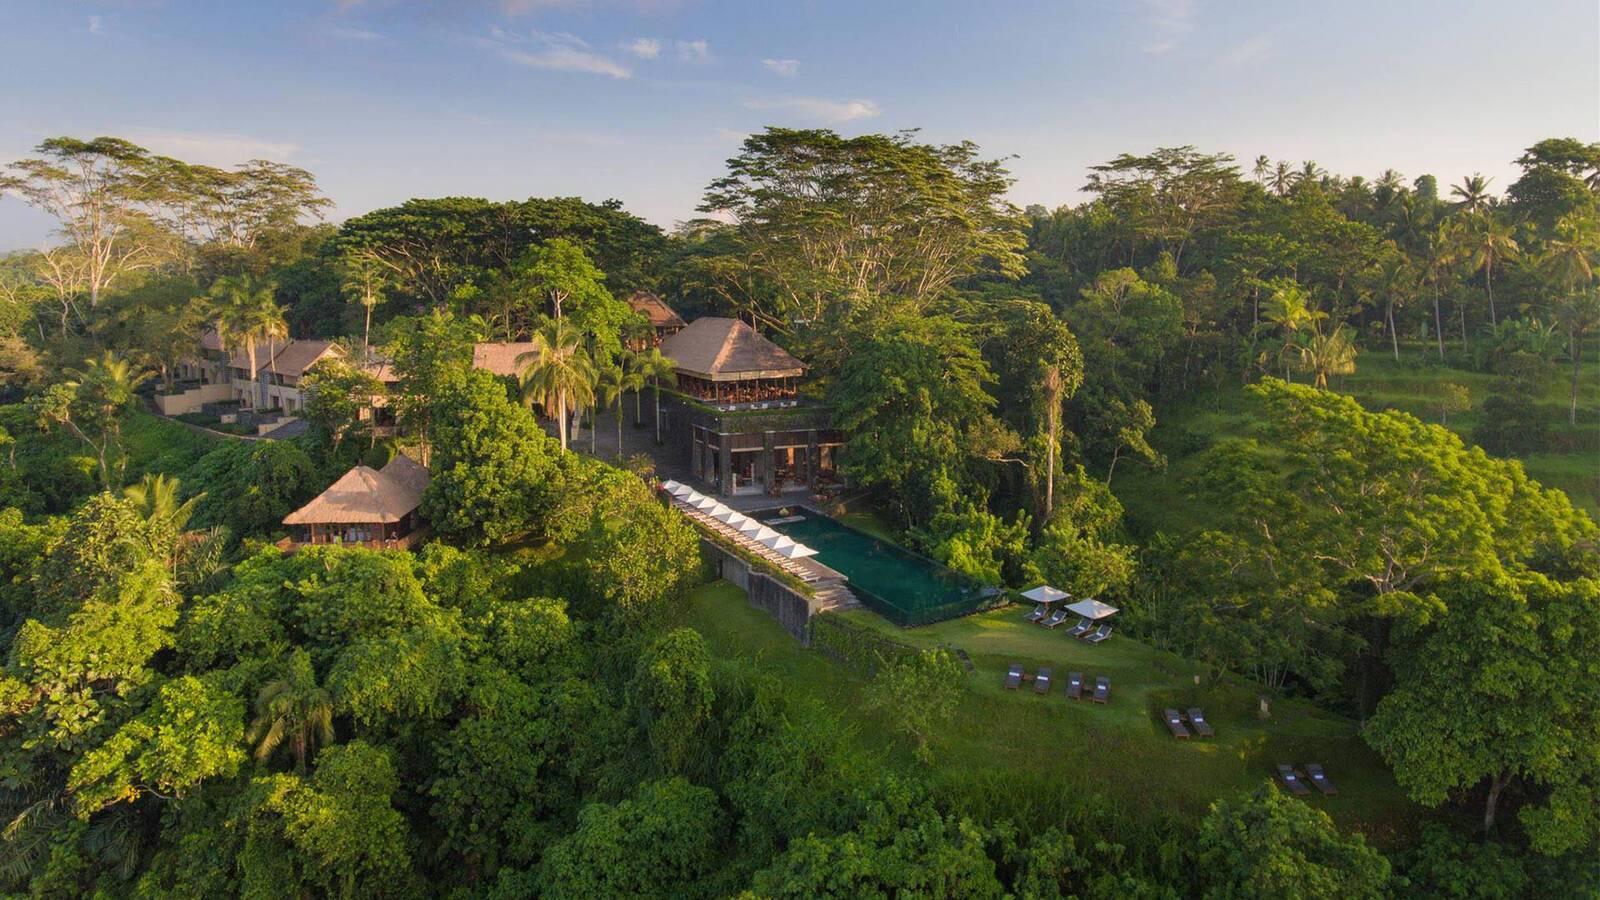 Alila Ubud Bali Vue